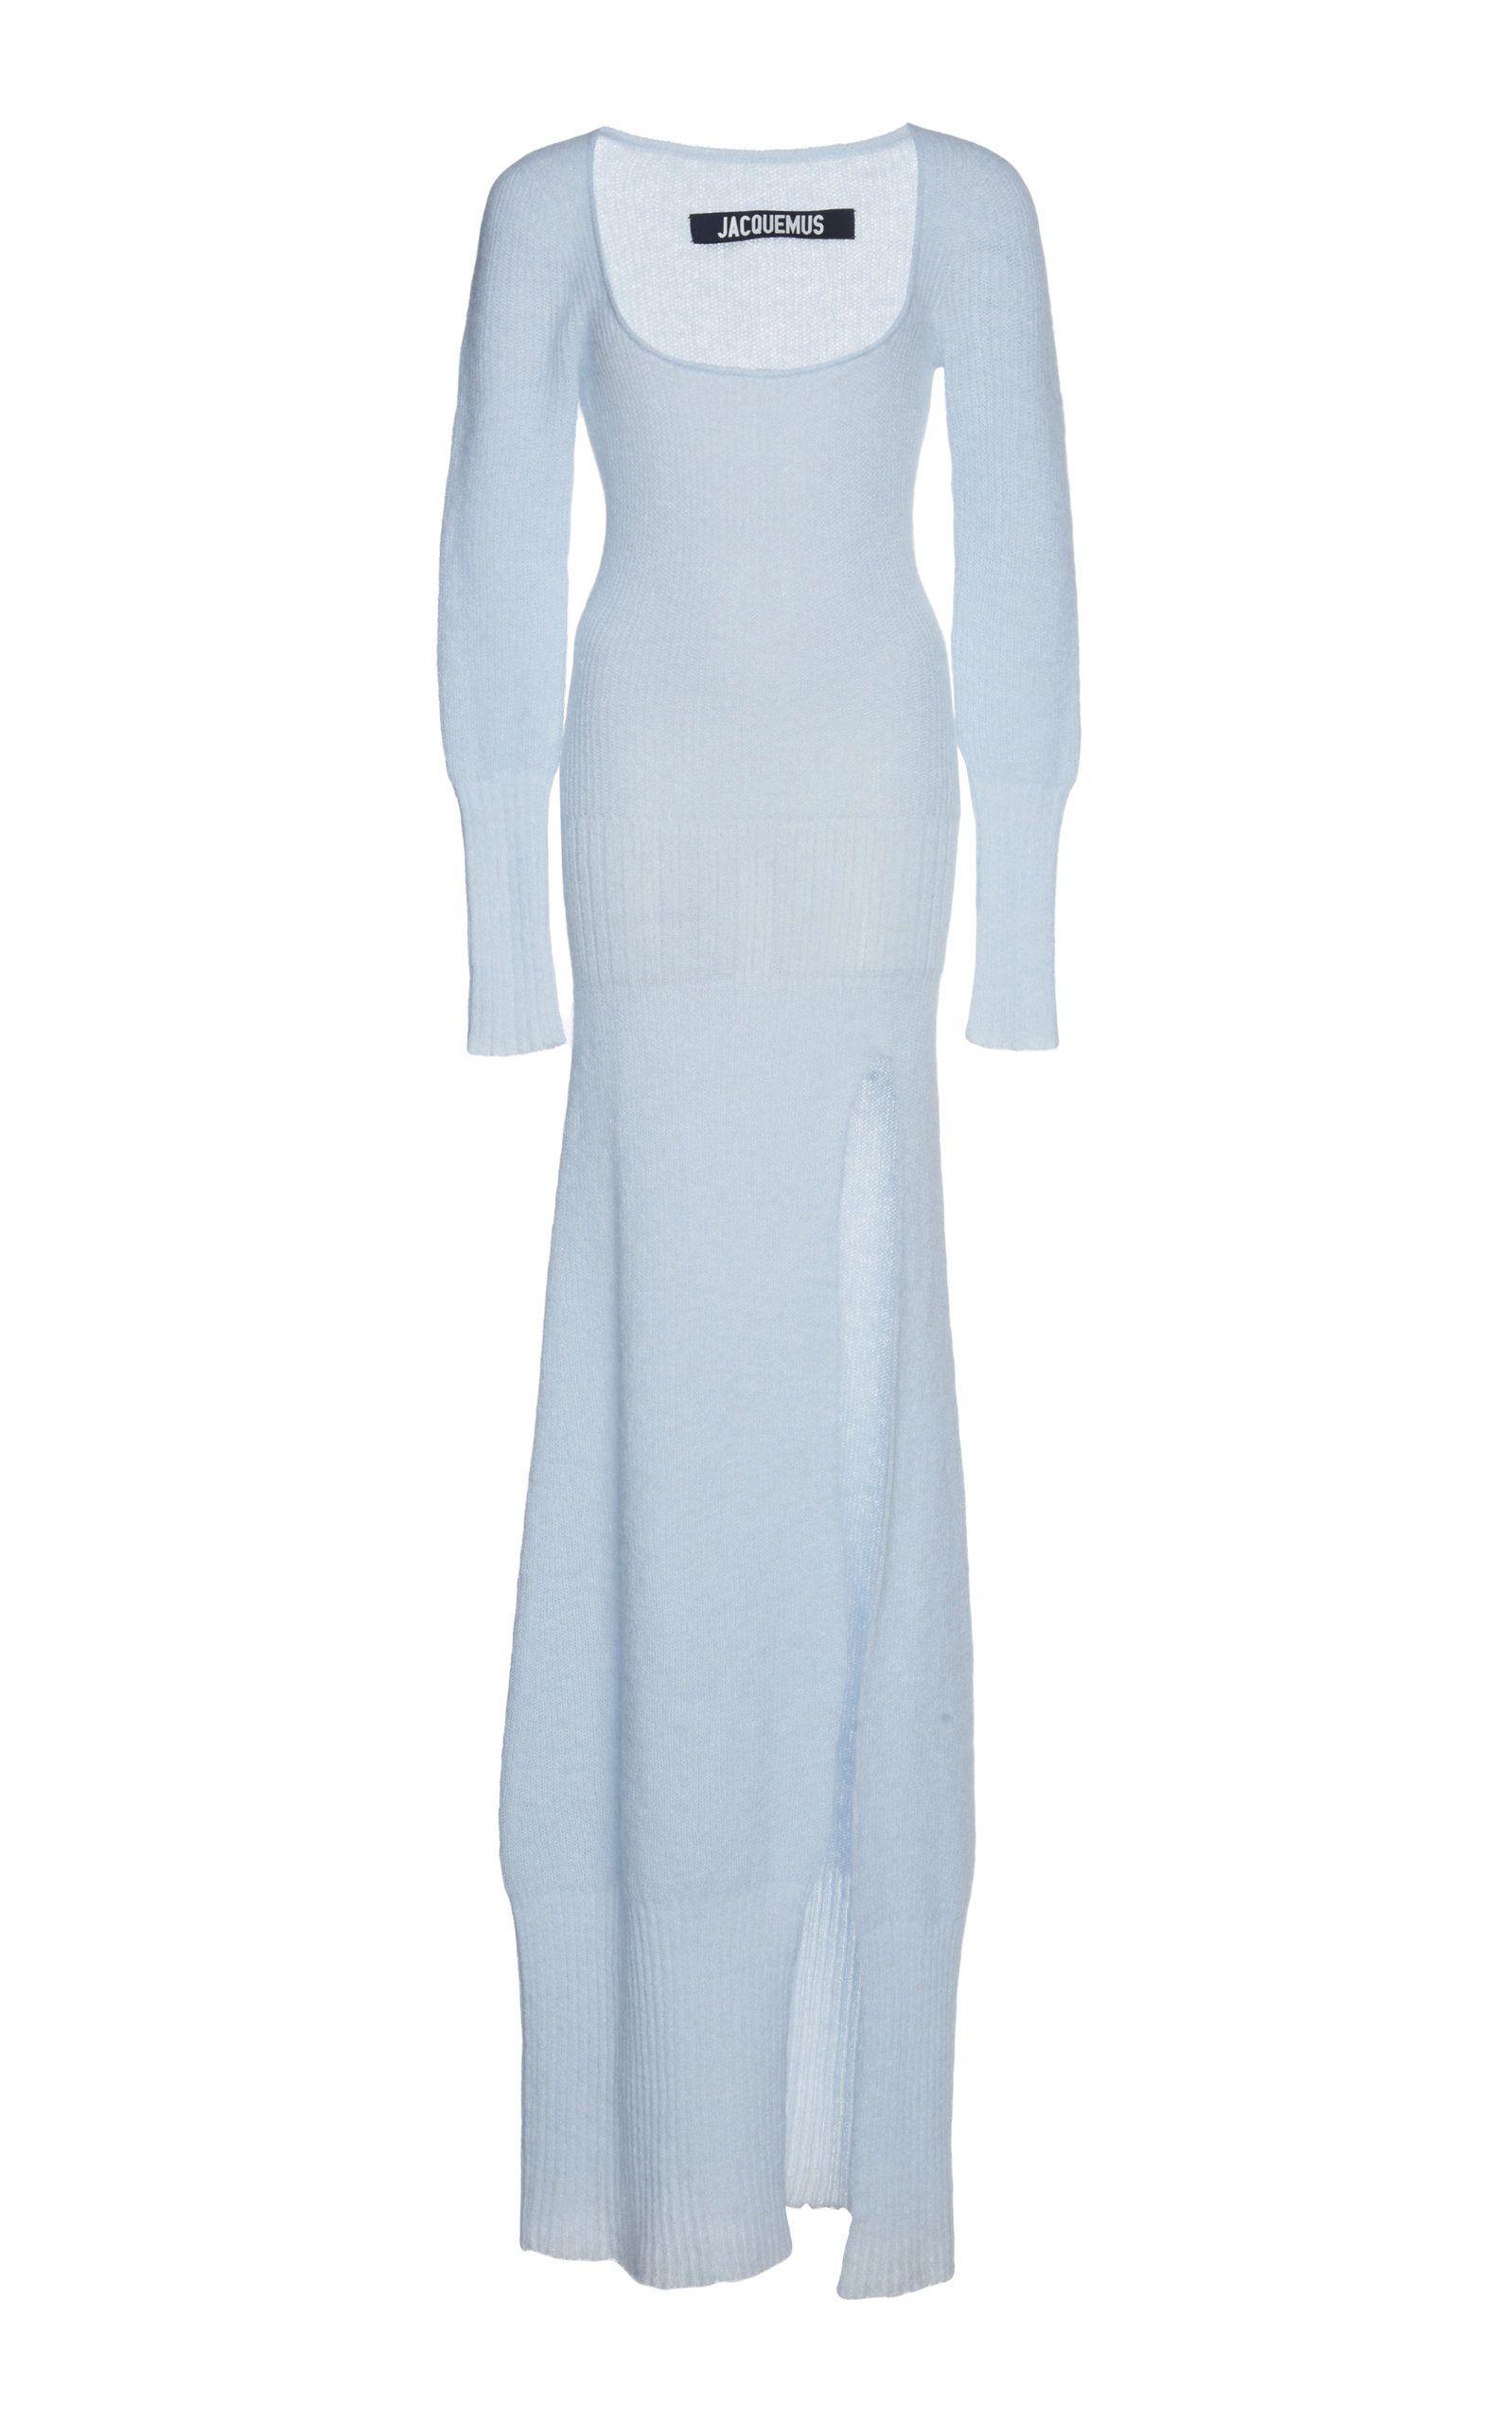 e95c91cc164 JACQUEMUS DAO KNIT MAXI DRESS.  jacquemus  cloth